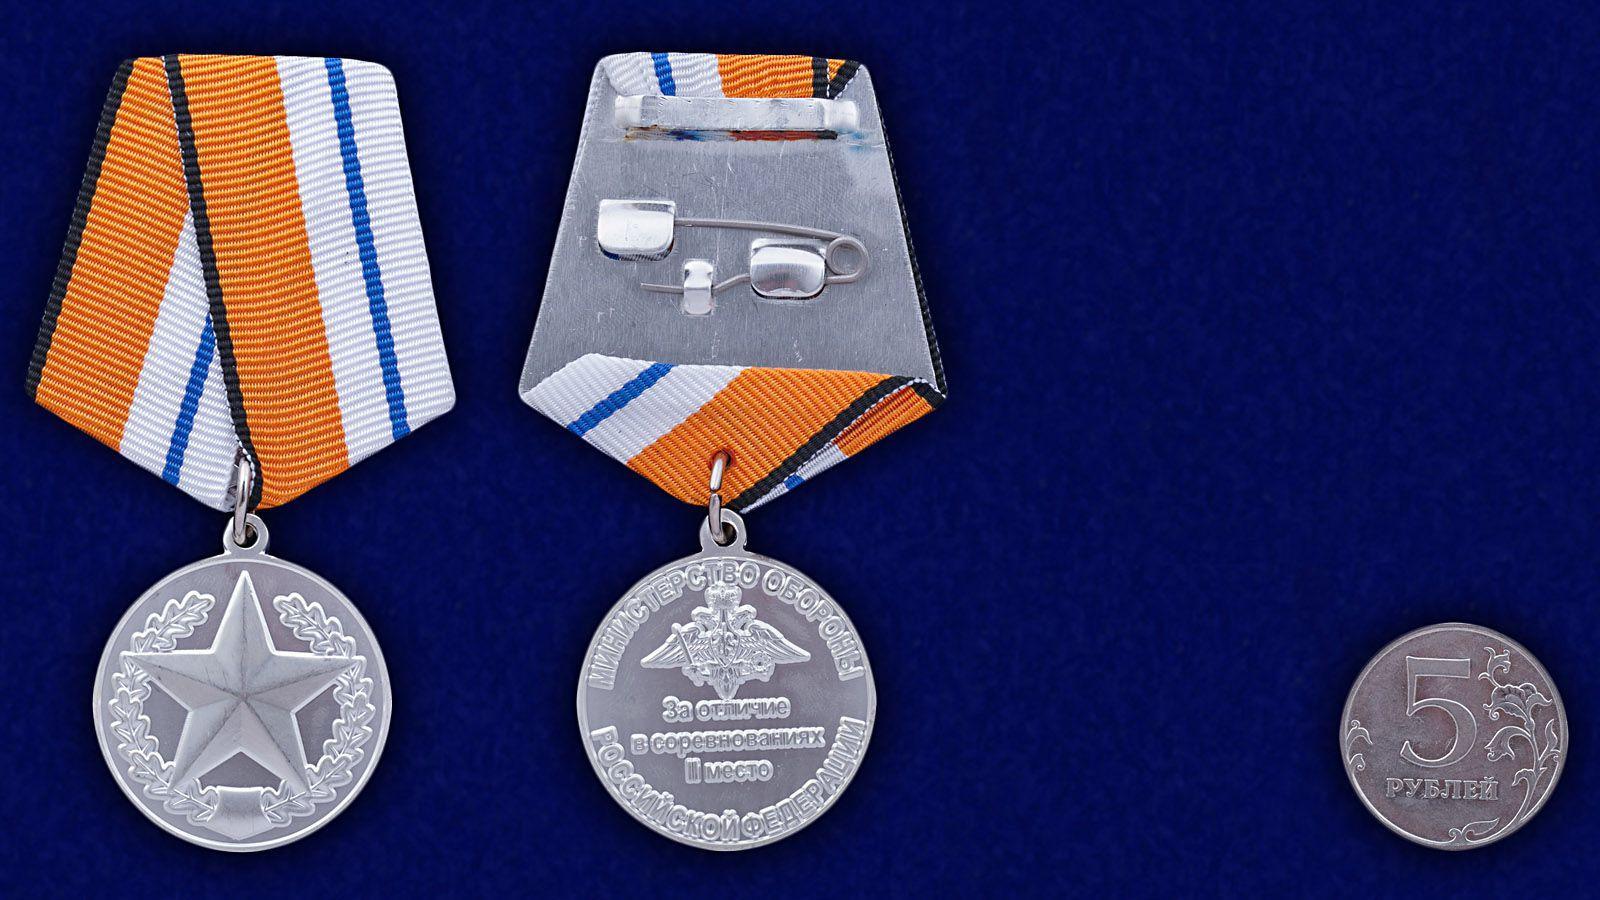 Цена Медаль За отличие в соревнованиях (2 место)